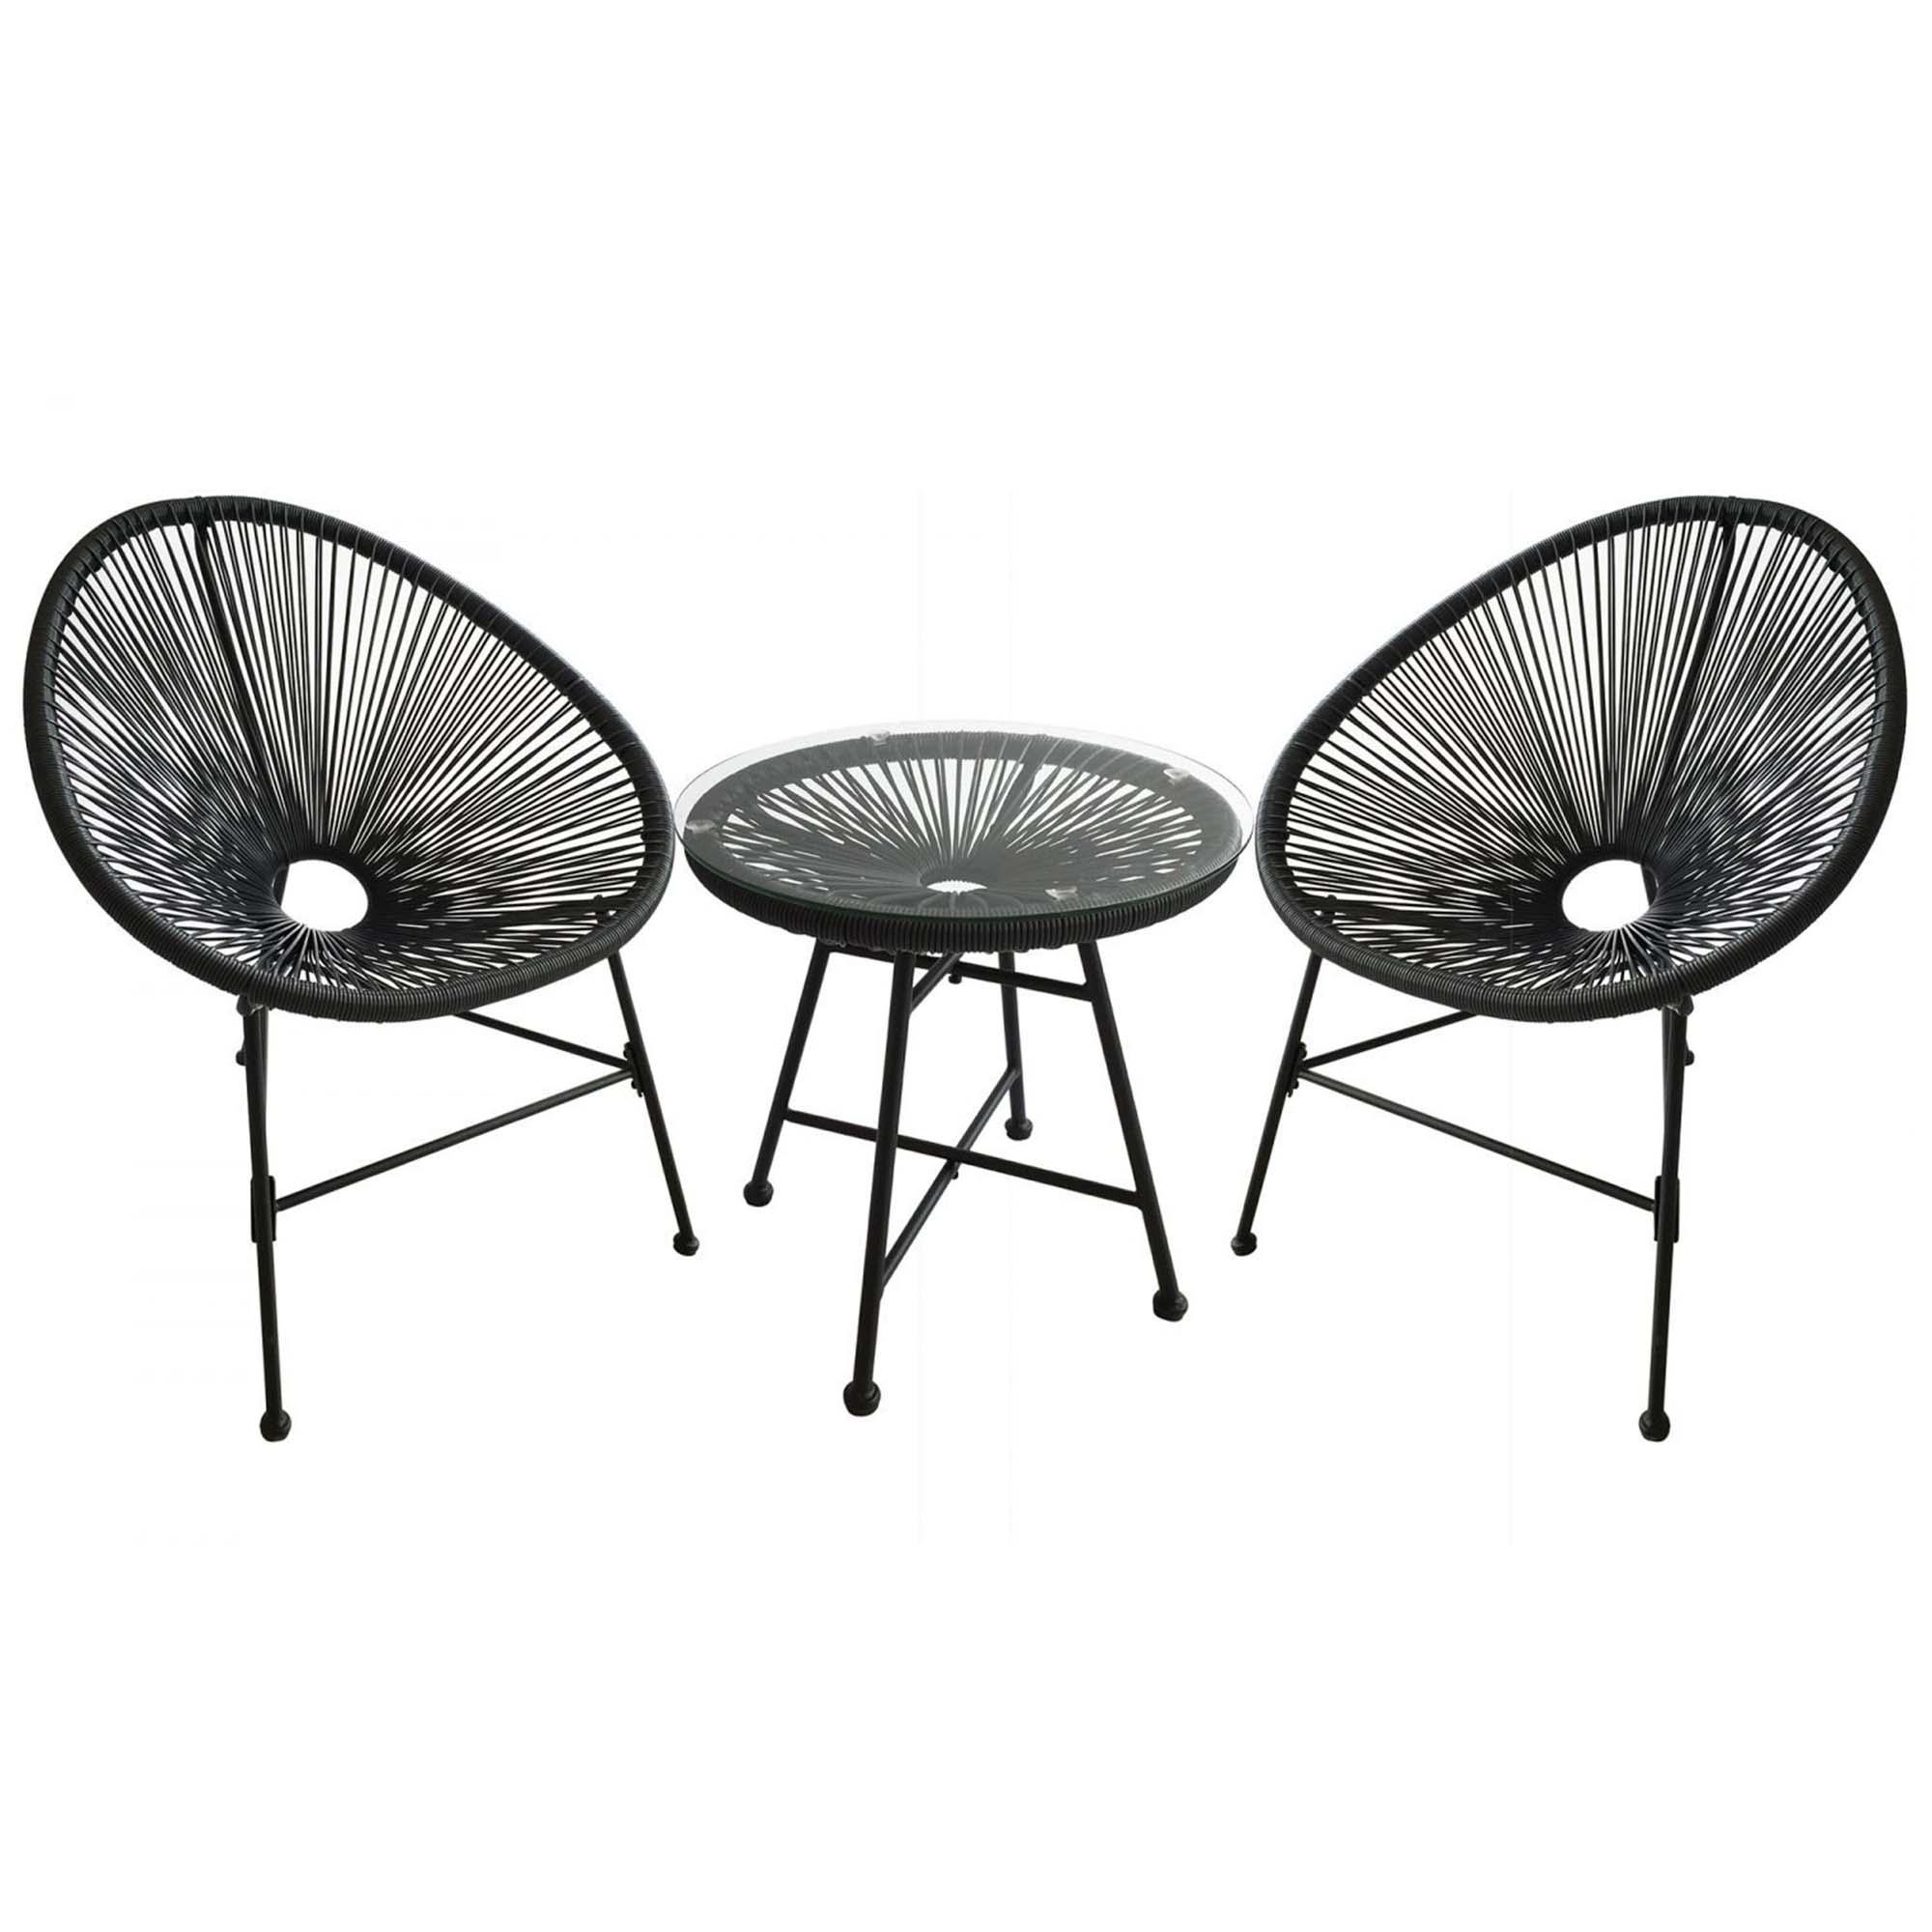 Salon de jardin 2 fauteuils ronds et table basse gris